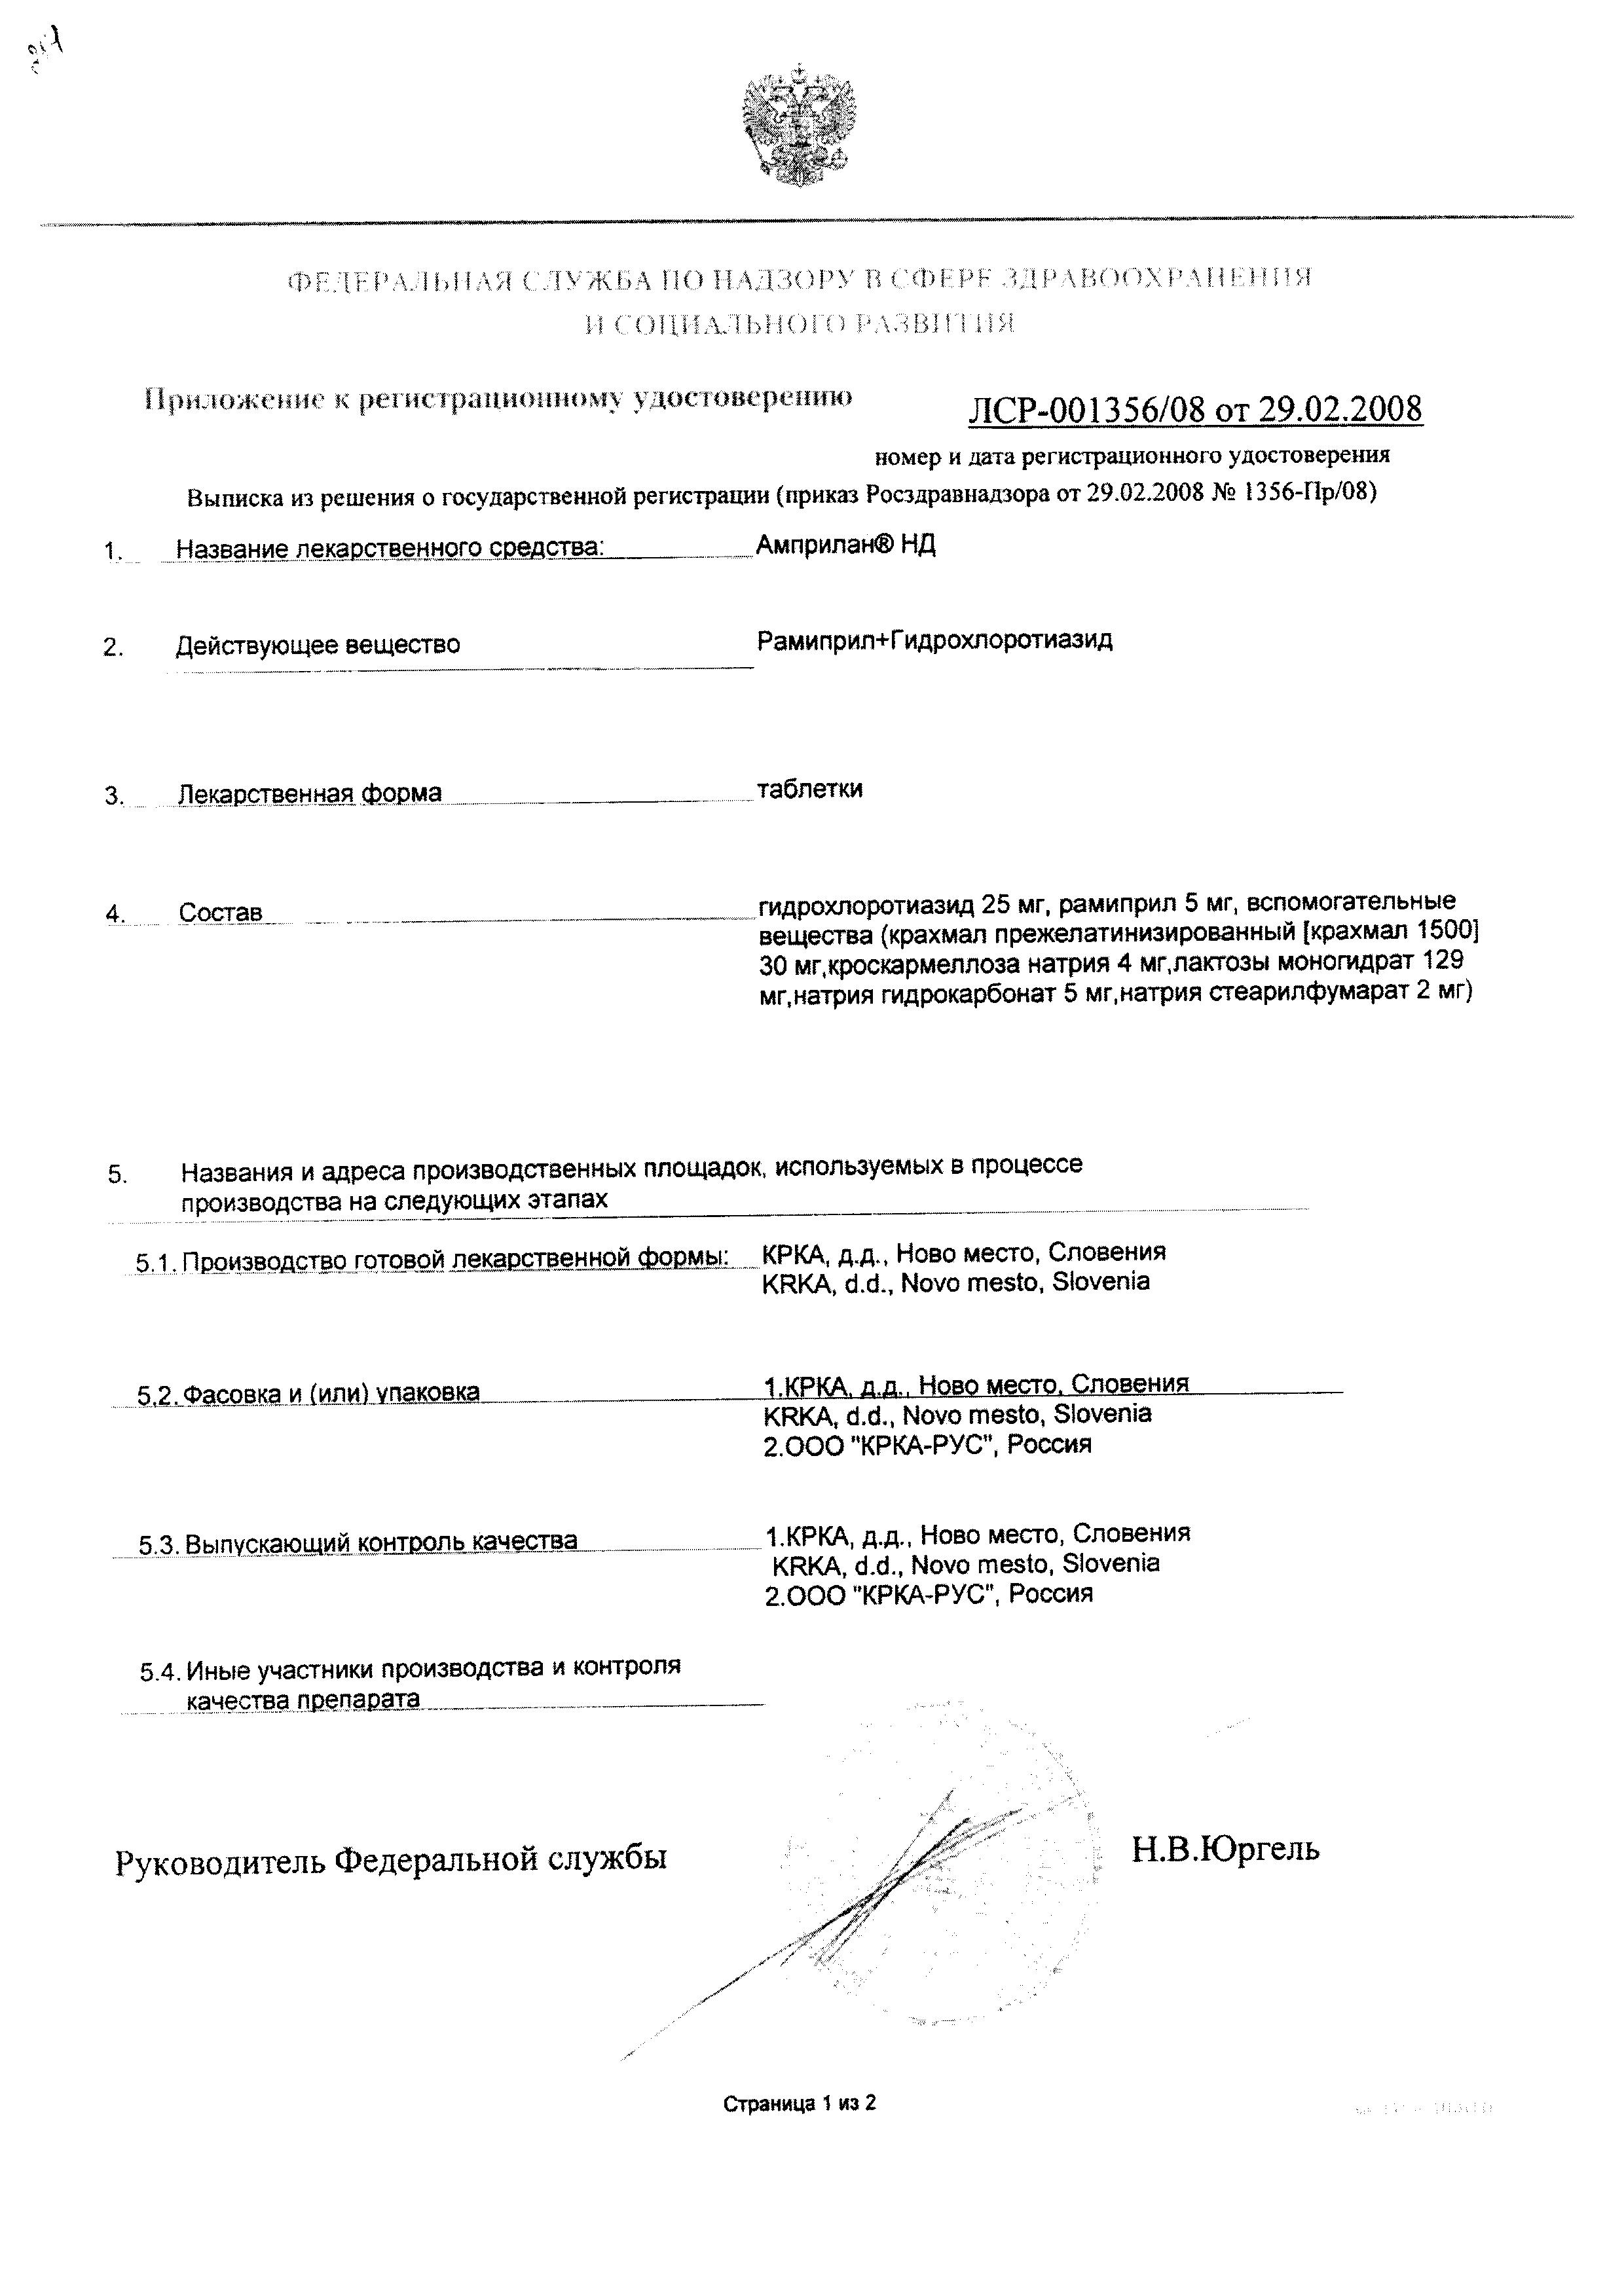 Амприлан НД сертификат